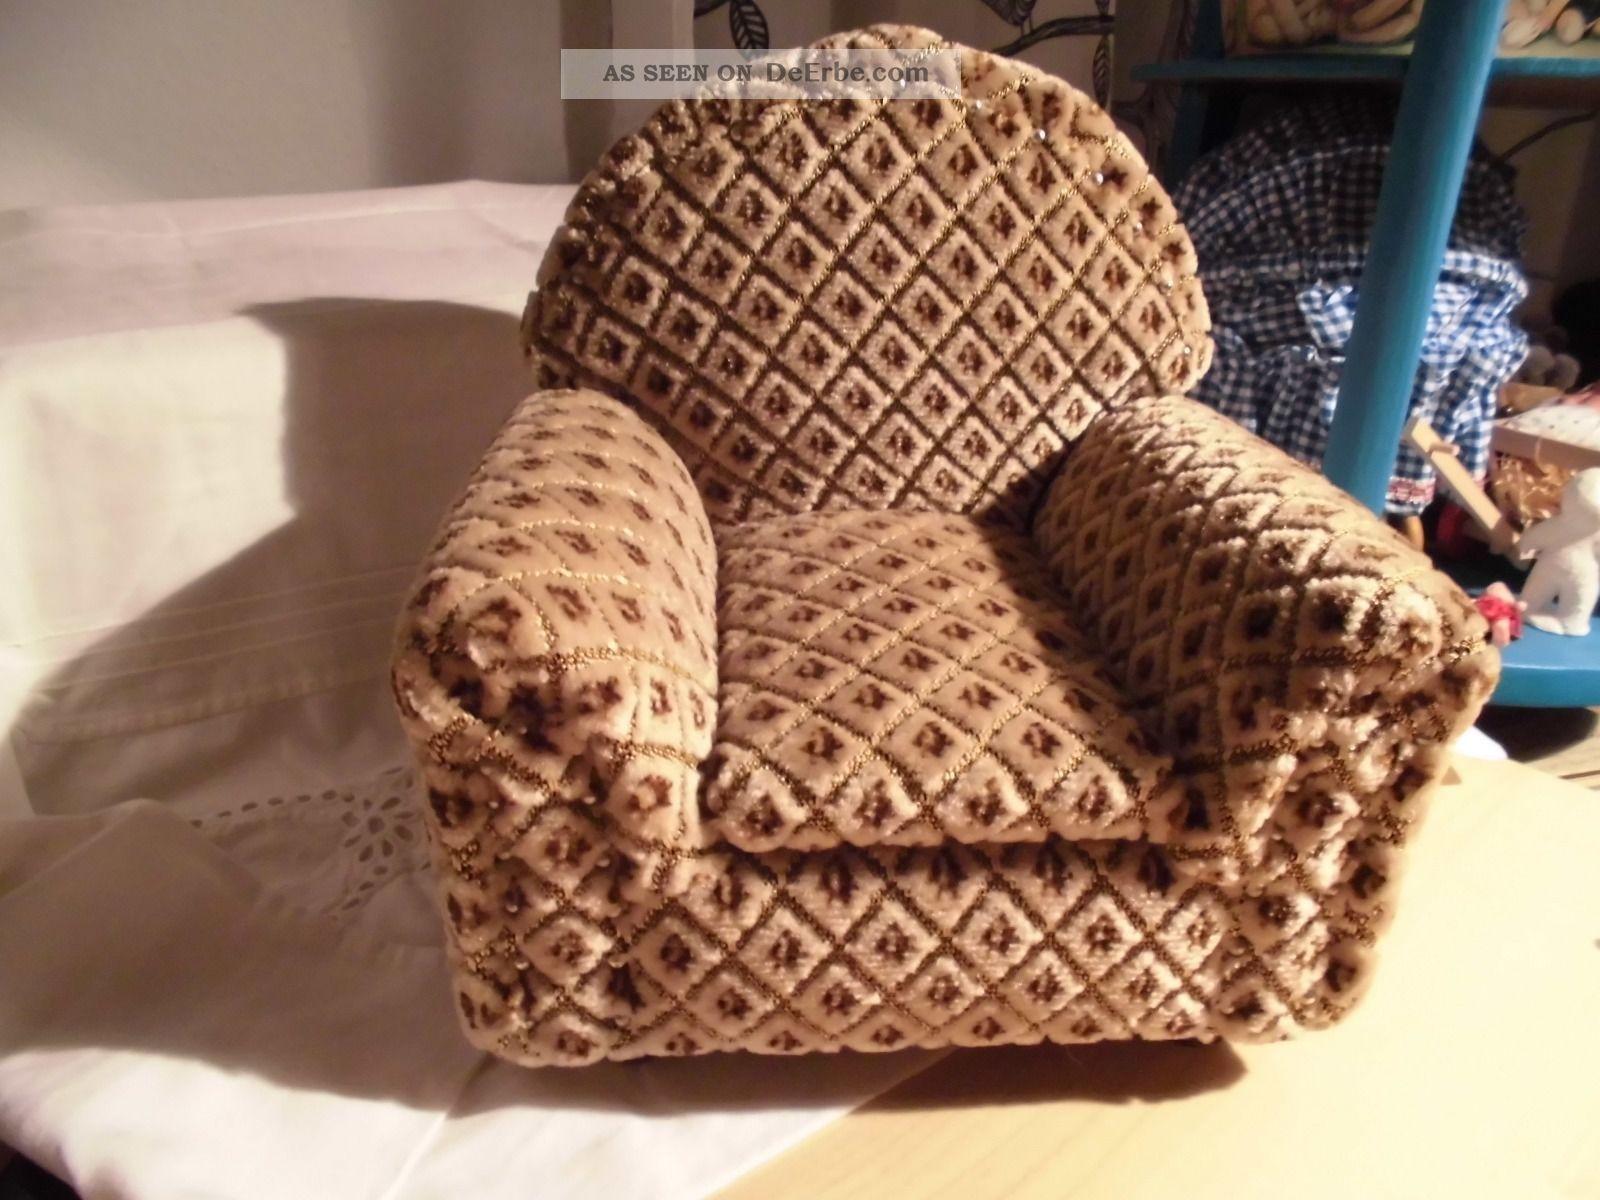 alter gepolsterter sessel f r eine puppe oder einen teddy. Black Bedroom Furniture Sets. Home Design Ideas